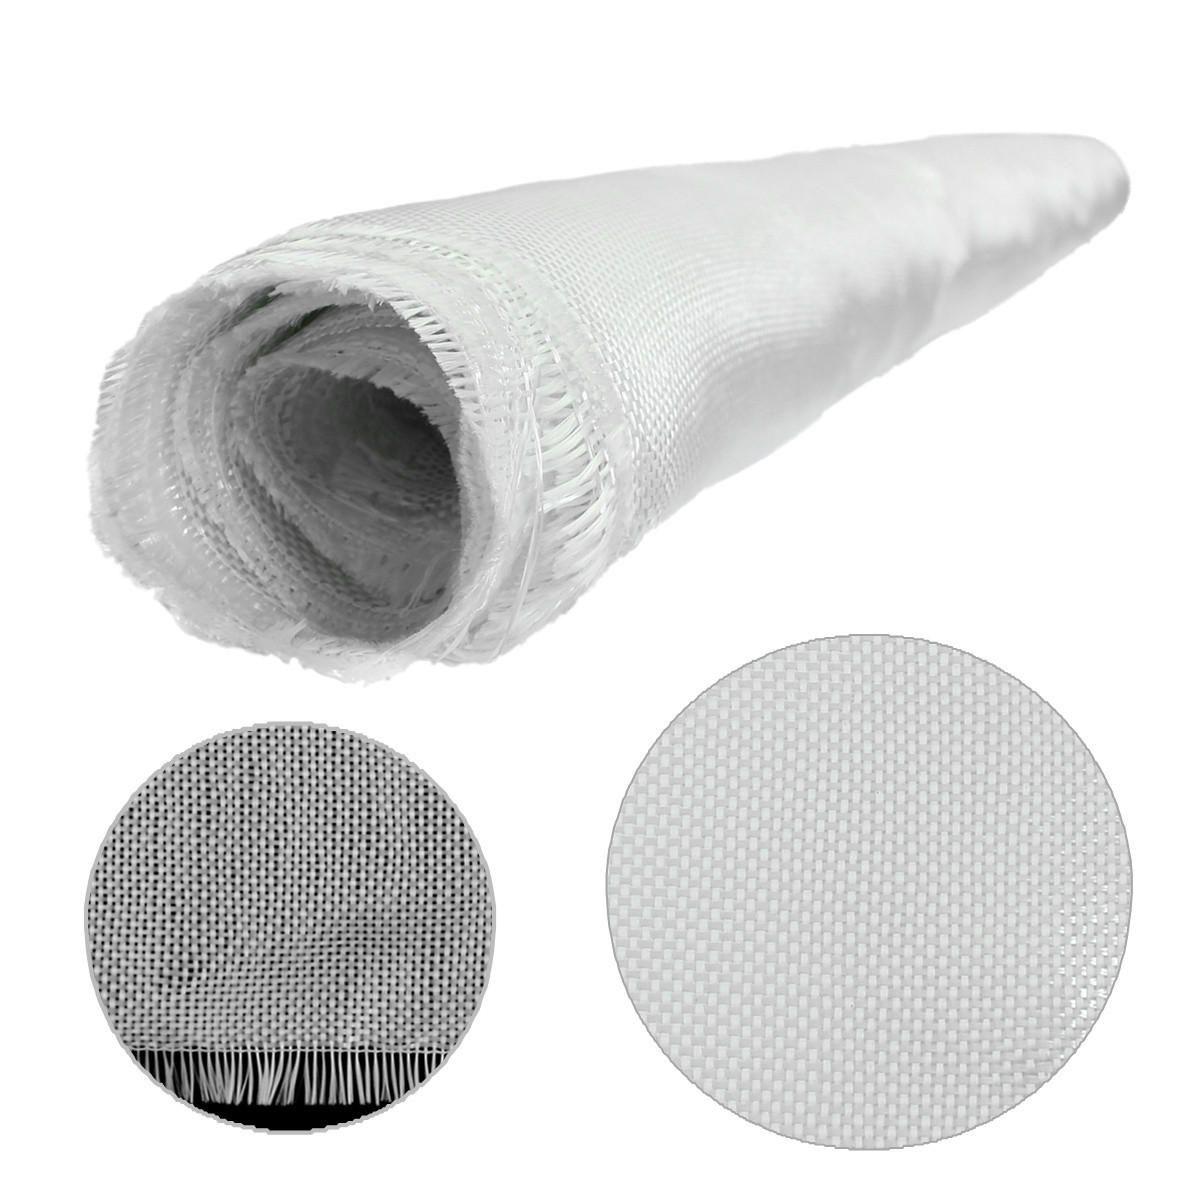 WMW US$50.07 130g 10mx1m Fibreglass Fibre Glass Cloth Fabric Plain Weave For Model Airplane